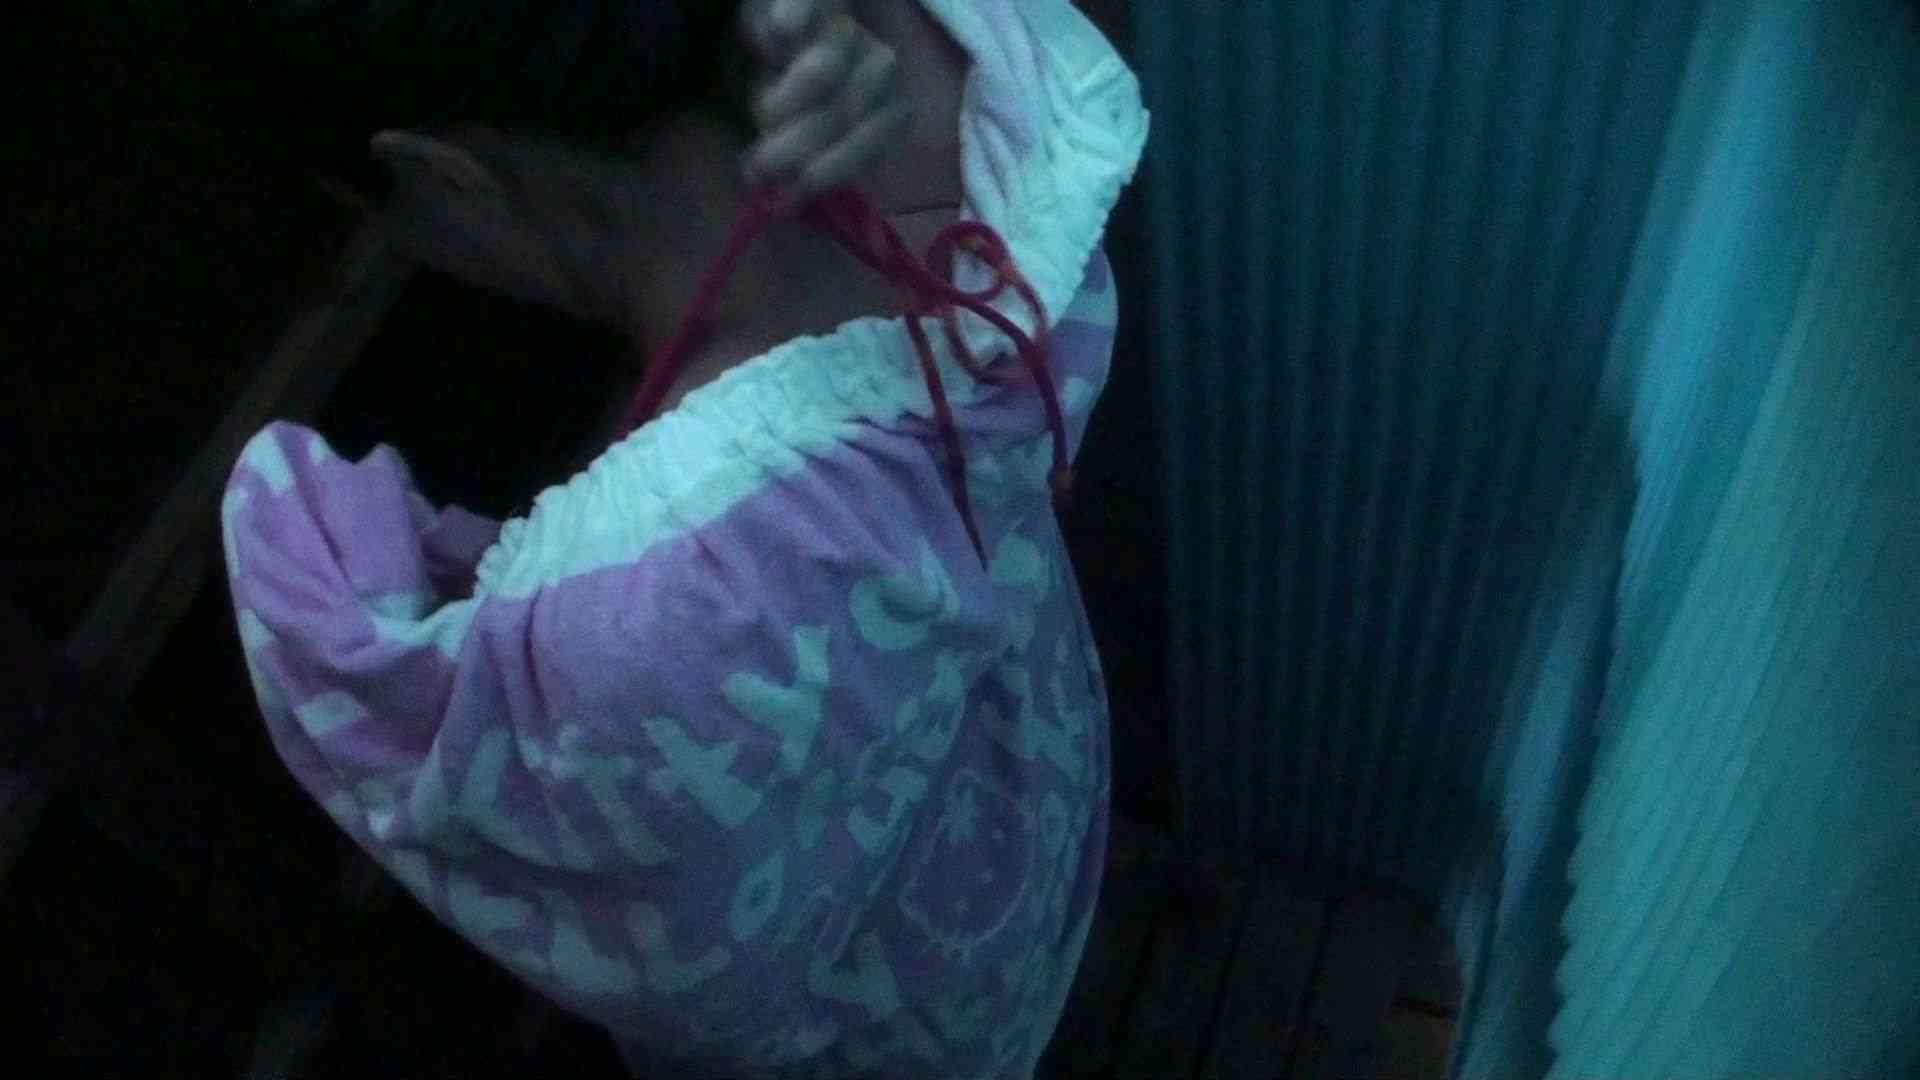 シャワールームは超!!危険な香りVol.26 大学生風美形ギャル 暗さが残念! シャワー  106画像 32